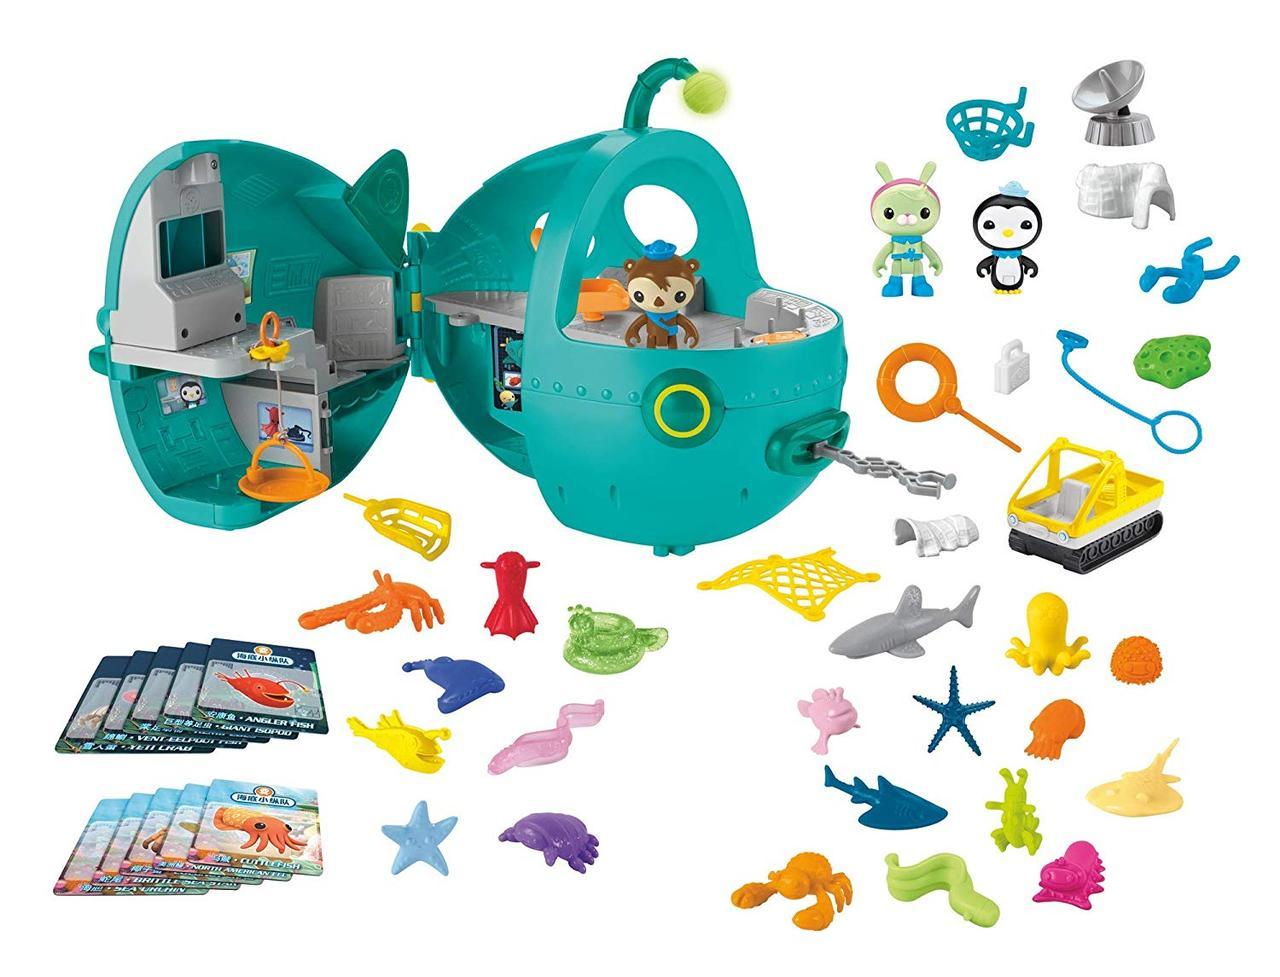 Октонавты игровой набор мегапак Fisher-Price Octonauts Gup-A Megapack Оригинал.